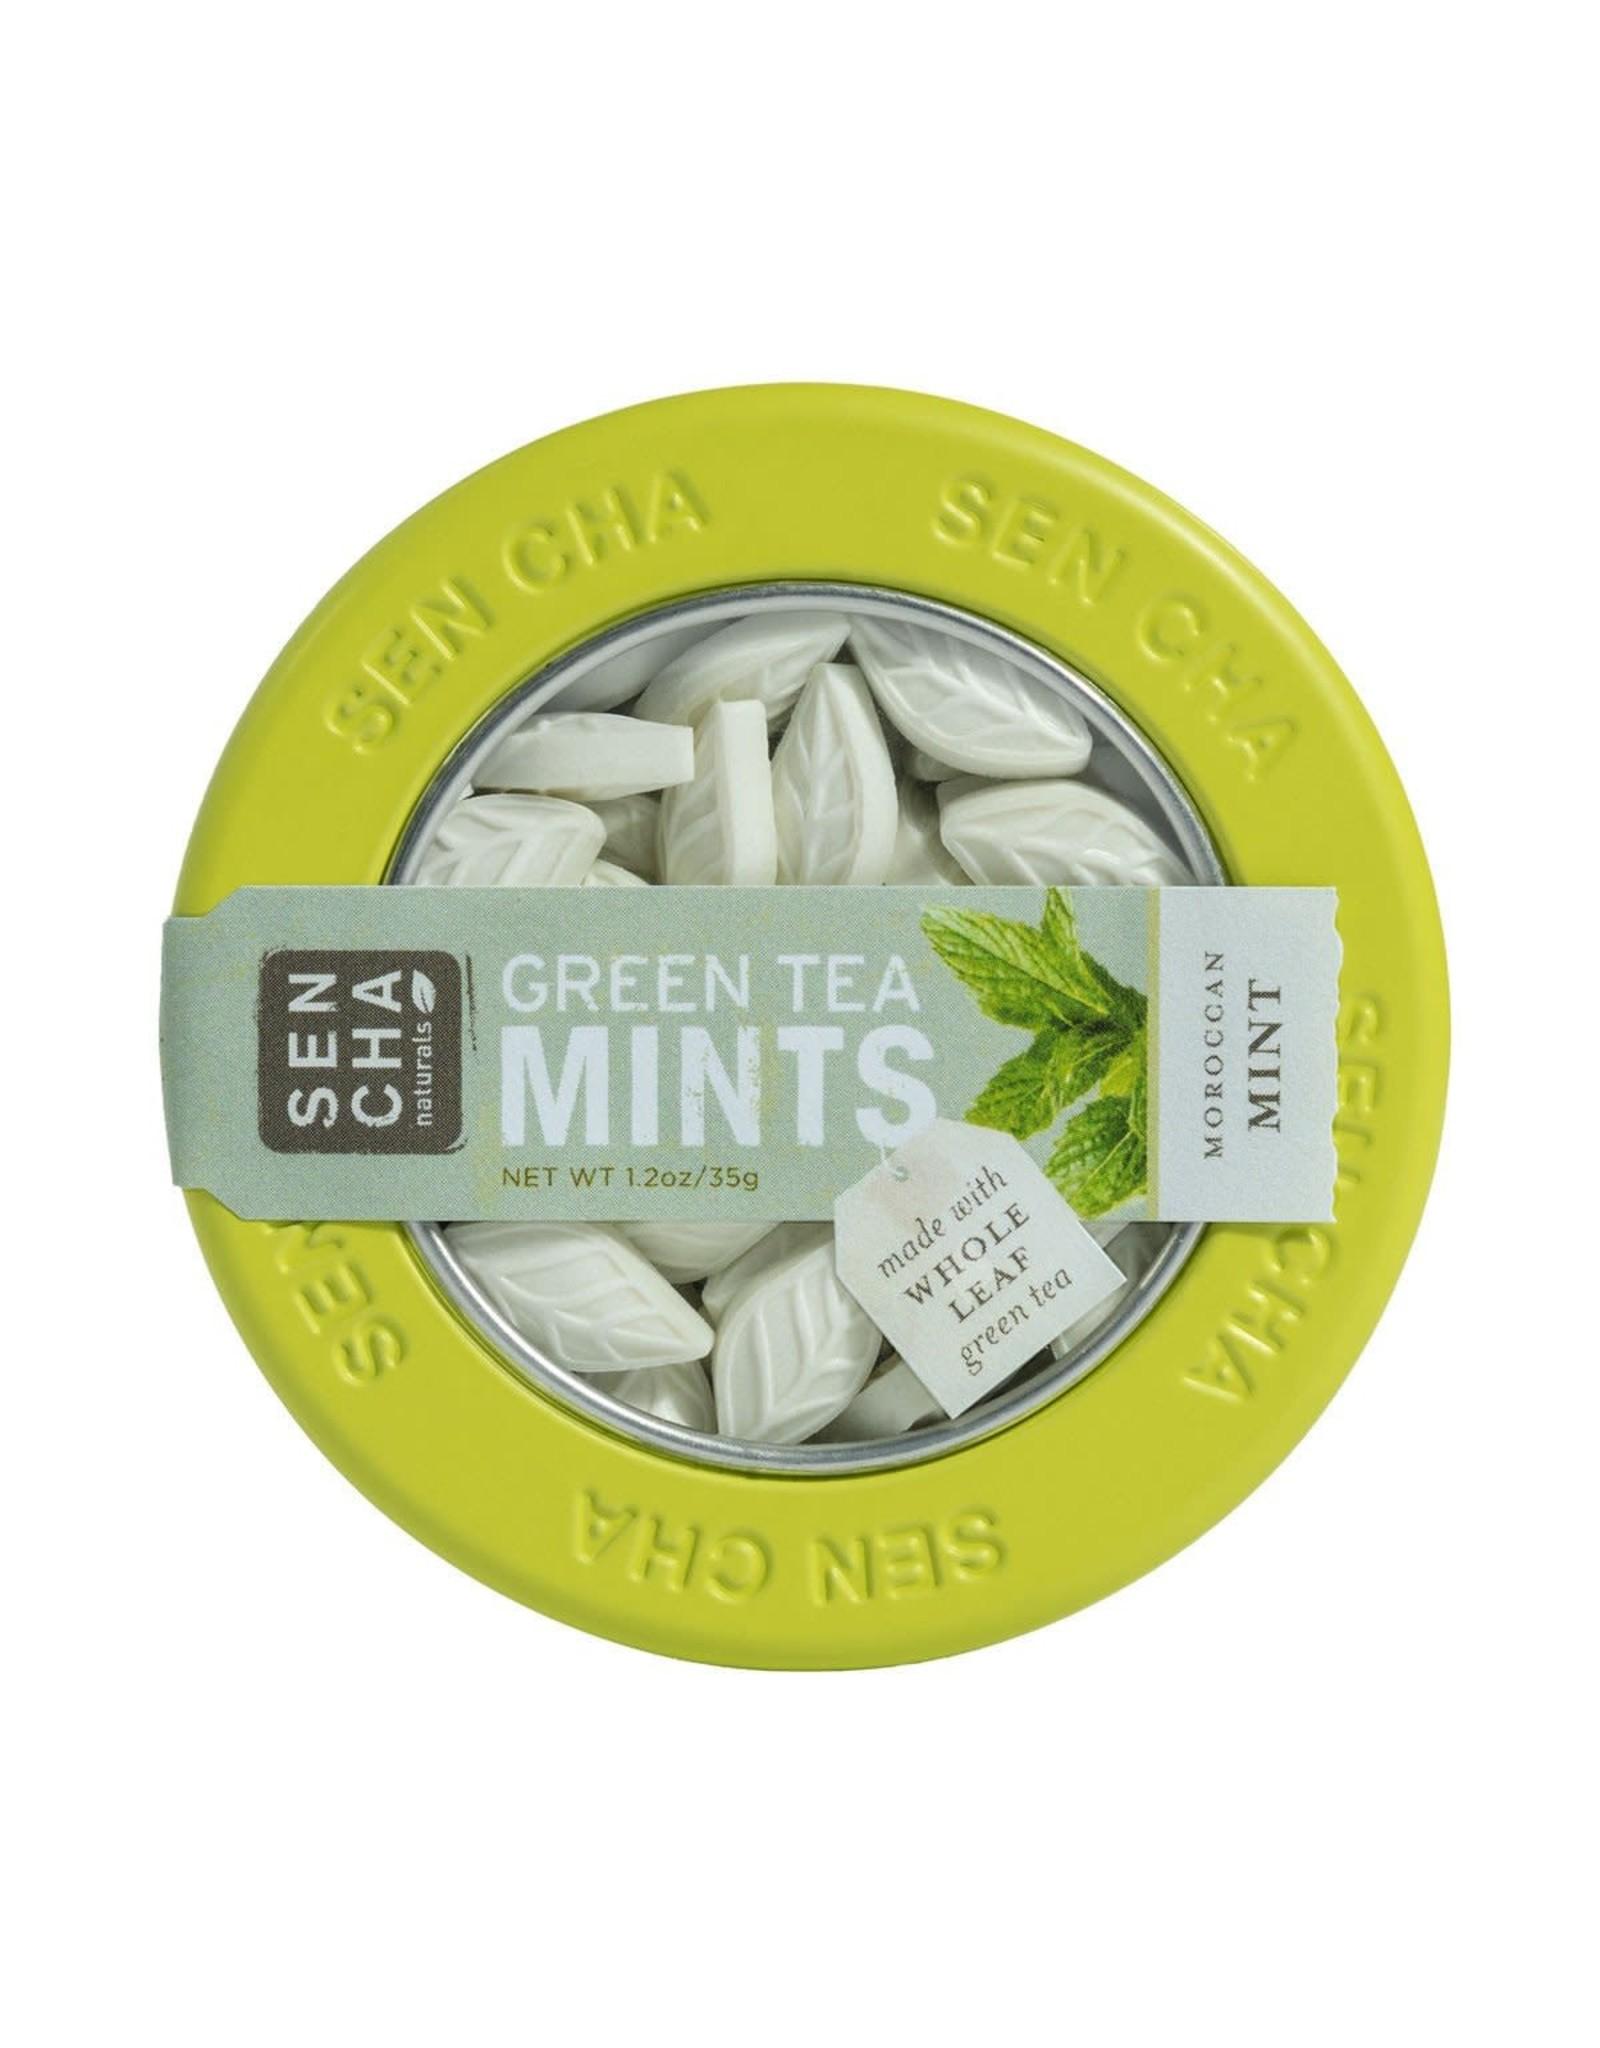 Sencha Sencha - Moroccan Mint